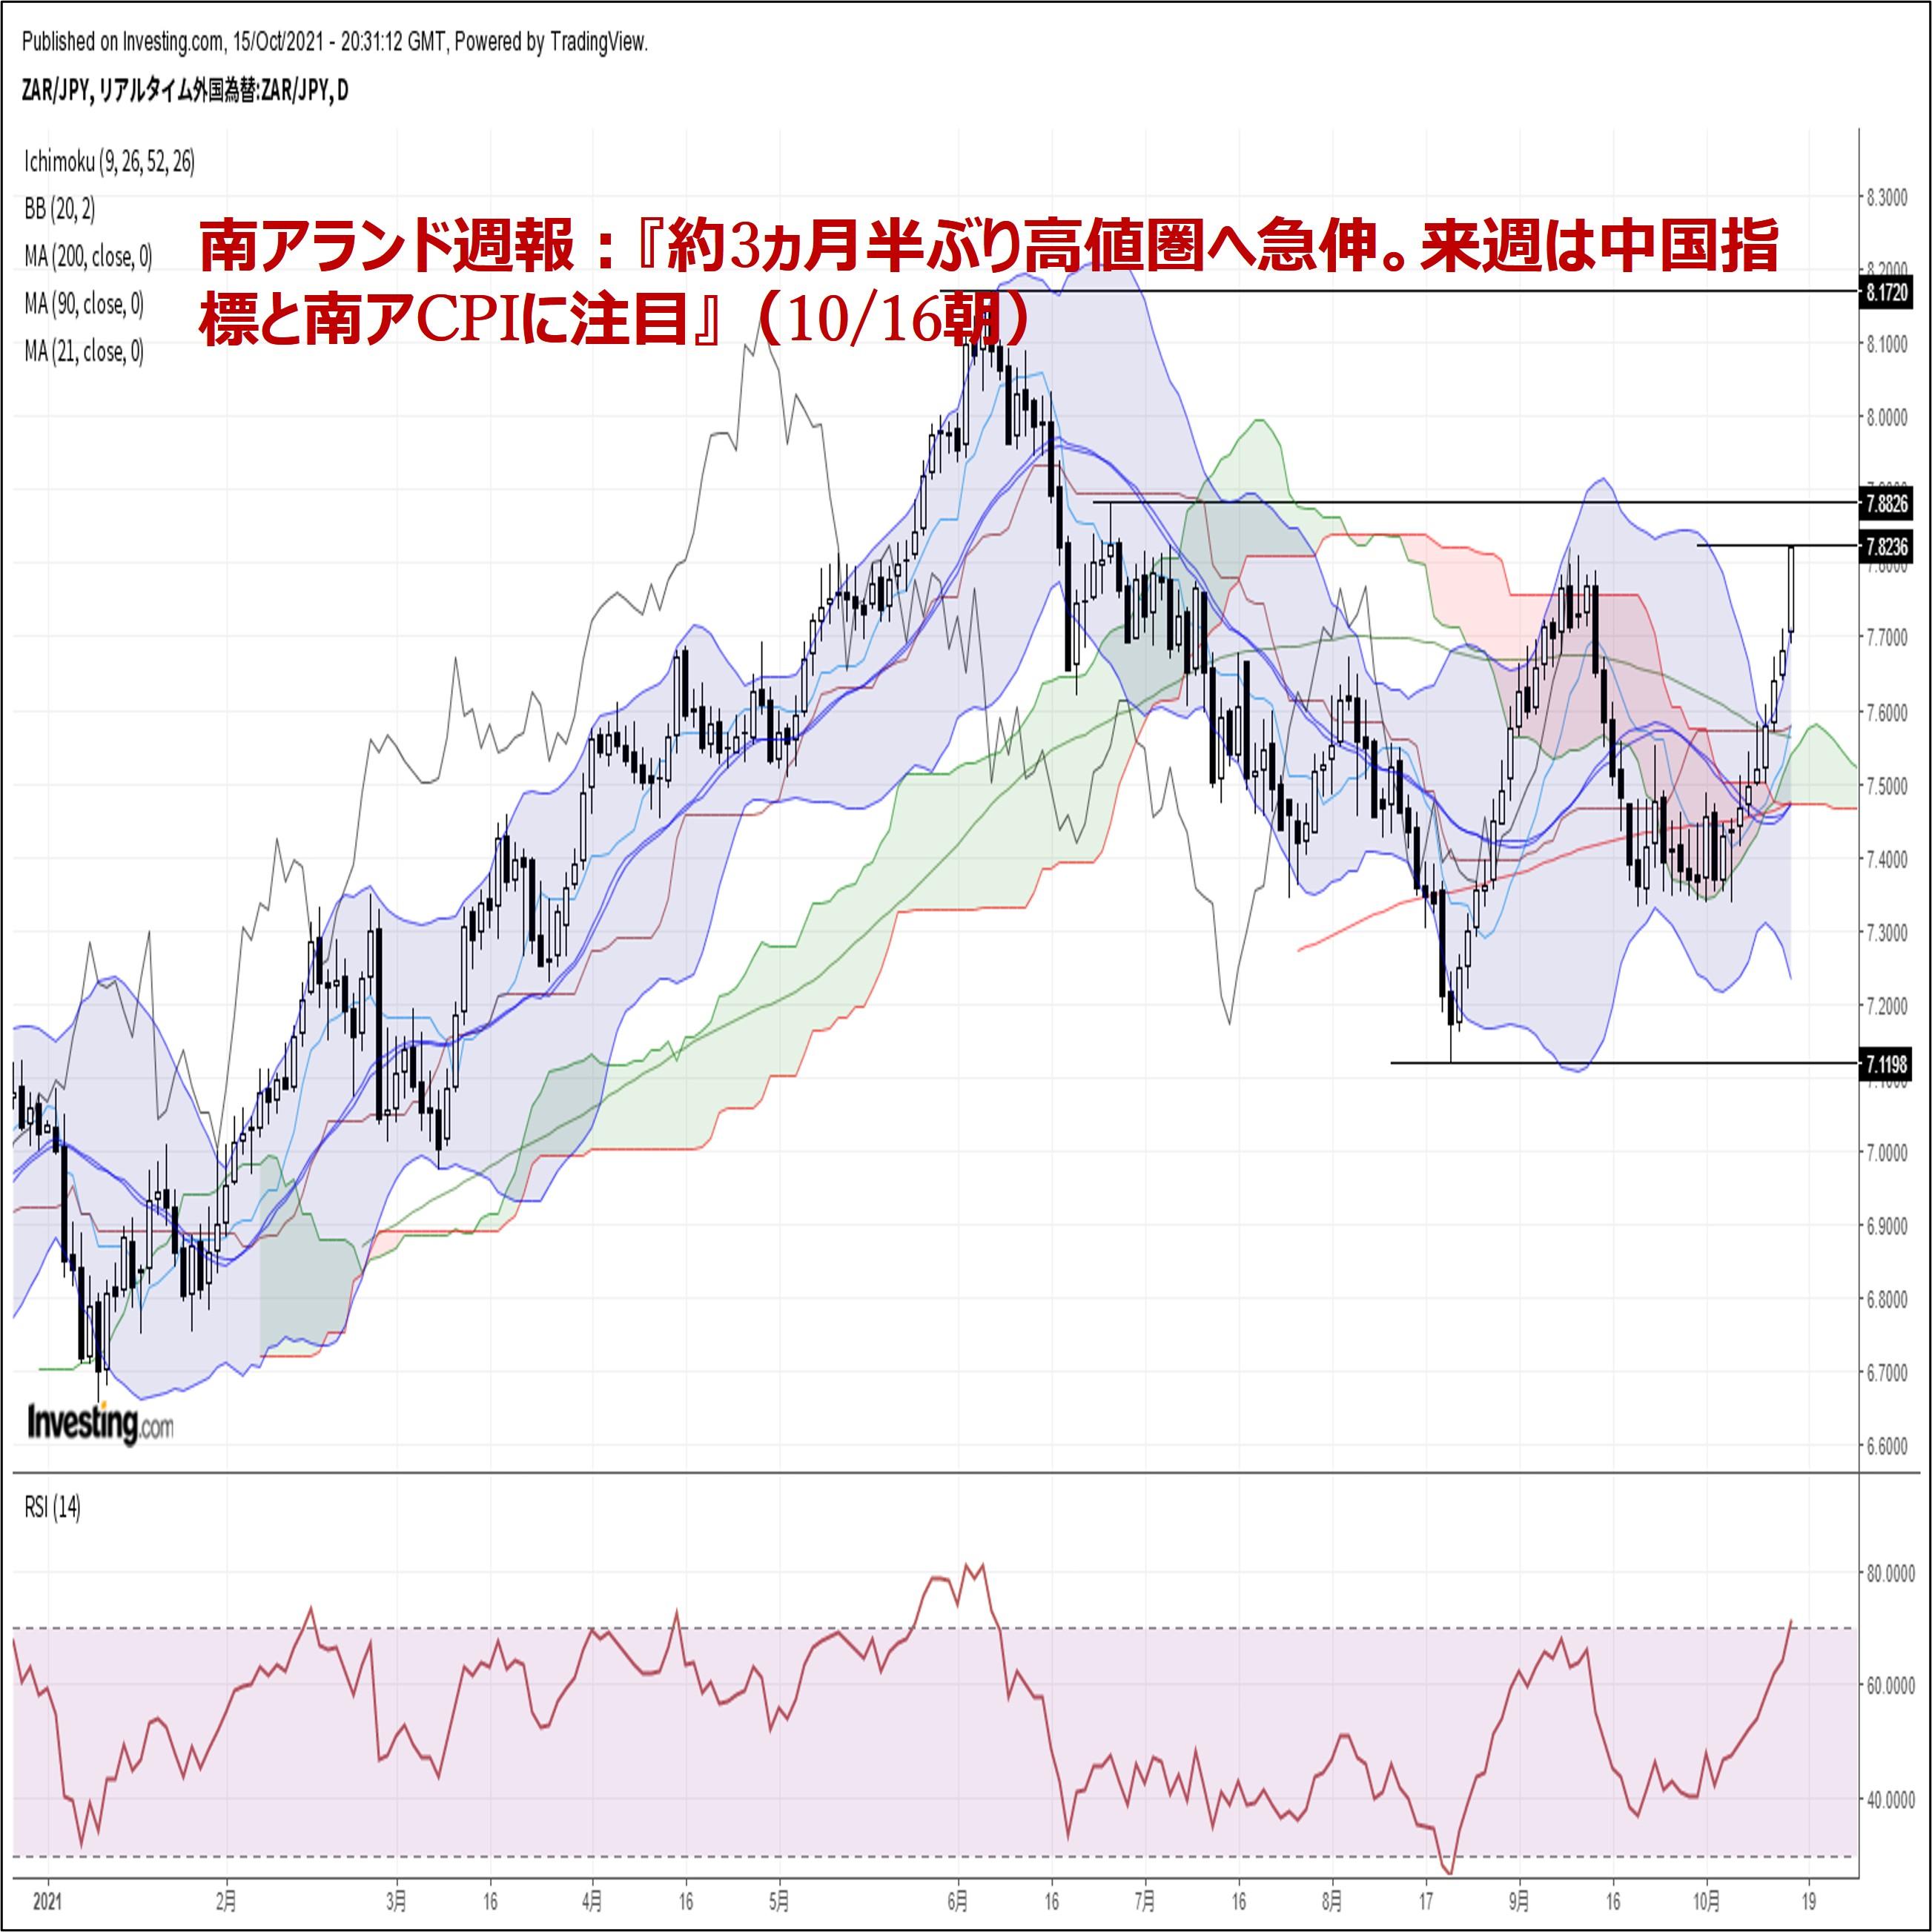 南アランド週報:『約3ヵ月半ぶり高値圏へ急伸。来週は中国指標と南アCPIに注目』(10/16朝)